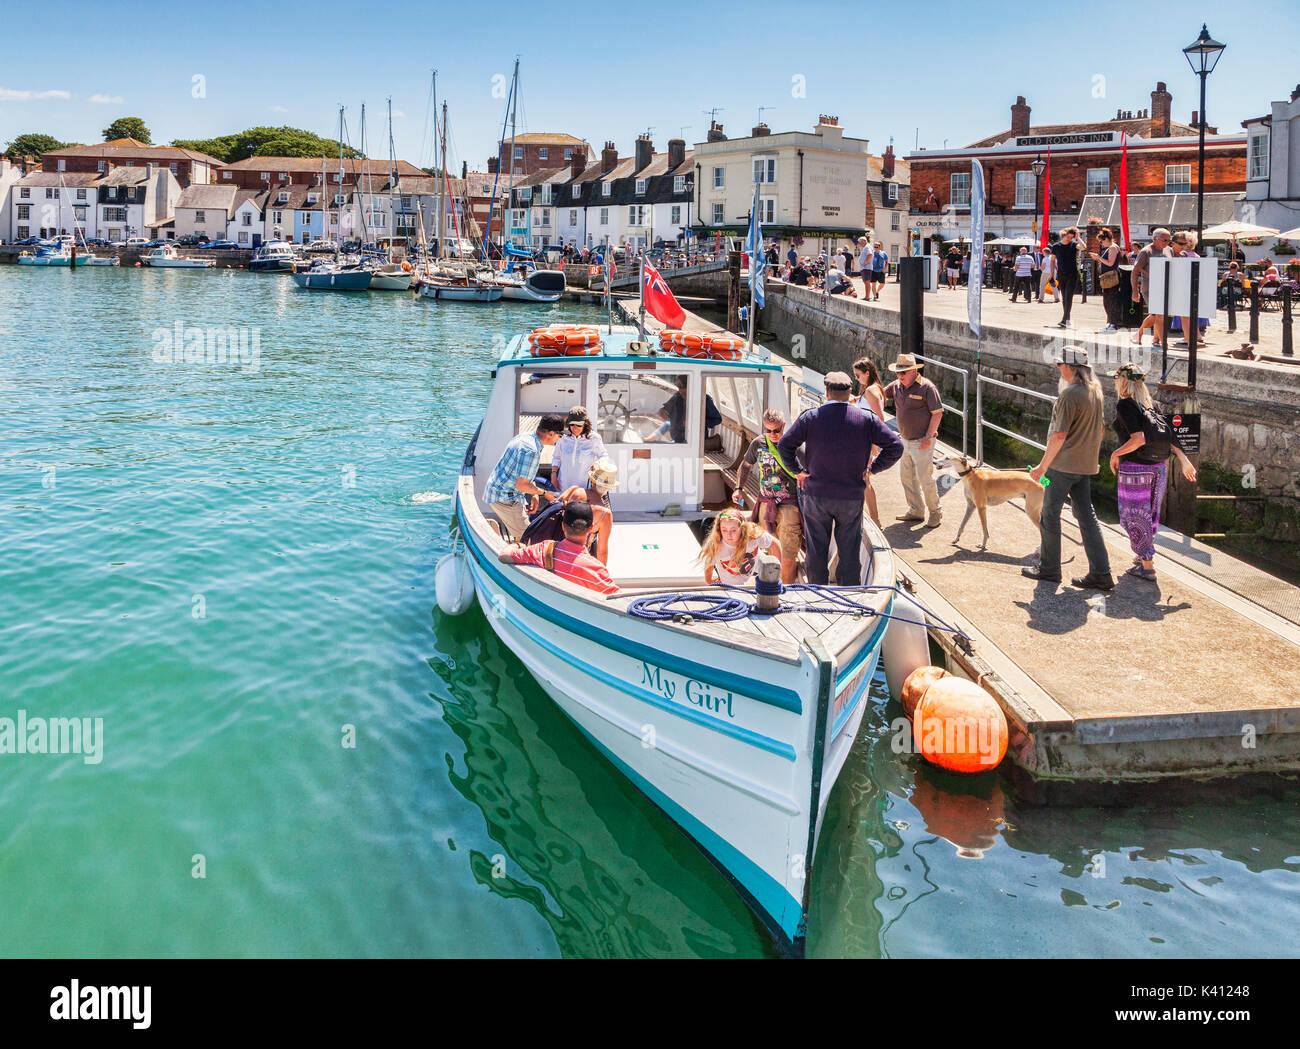 Vom 2. Juli 2017: Dorchester, Dorset, England, UK-Passagiere mit einem Hund an Bord der Boot mein Mädchen von Weymouth Docks an einem sonnigen Sommertag. Stockbild